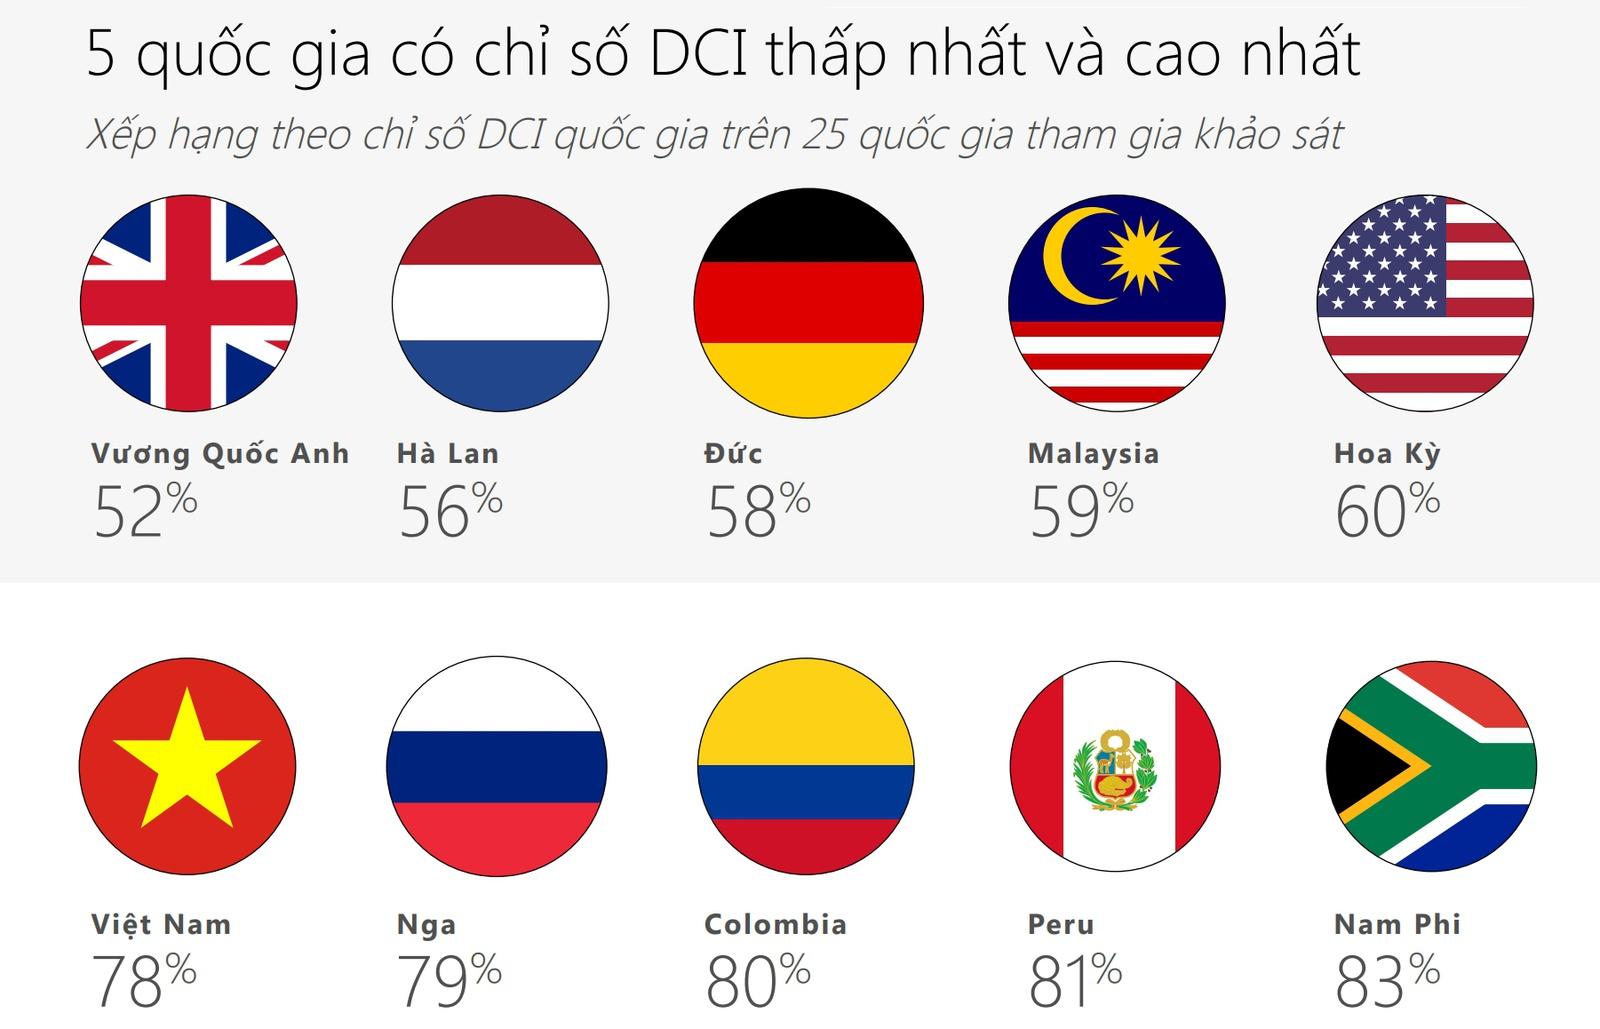 Việt Nam đứng thứ 5 sau Nga, Columbia, Peru và Nam Phi. (Ảnh qua Microsoft)